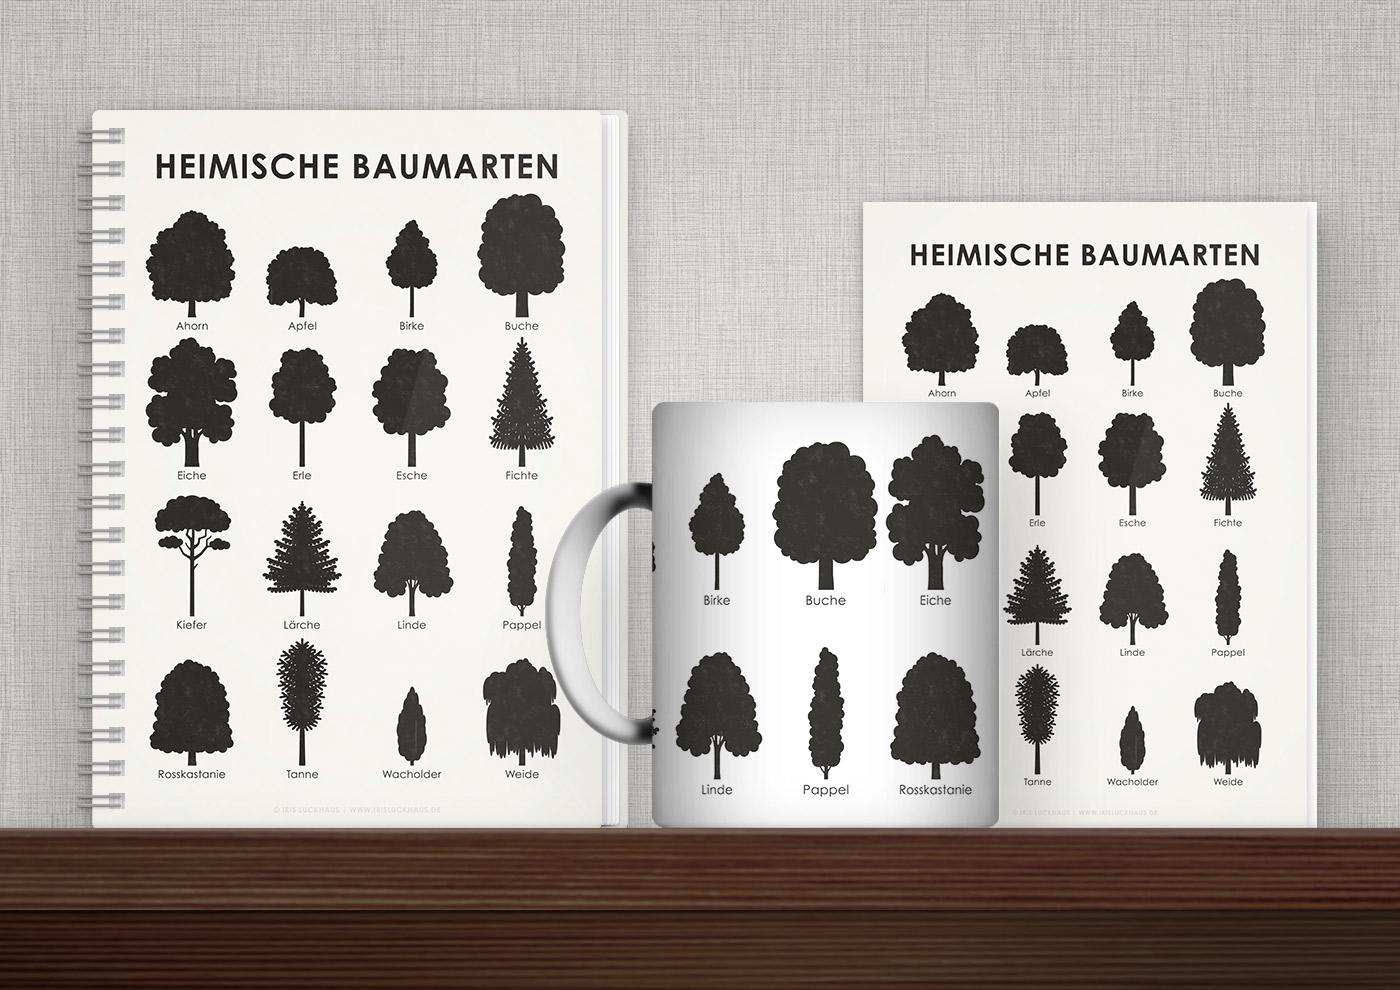 Bedruckte Produkte wie Tasse, Buch, Karte oder Tasche mit Infografiken und Schautafeln von Iris Luckhaus